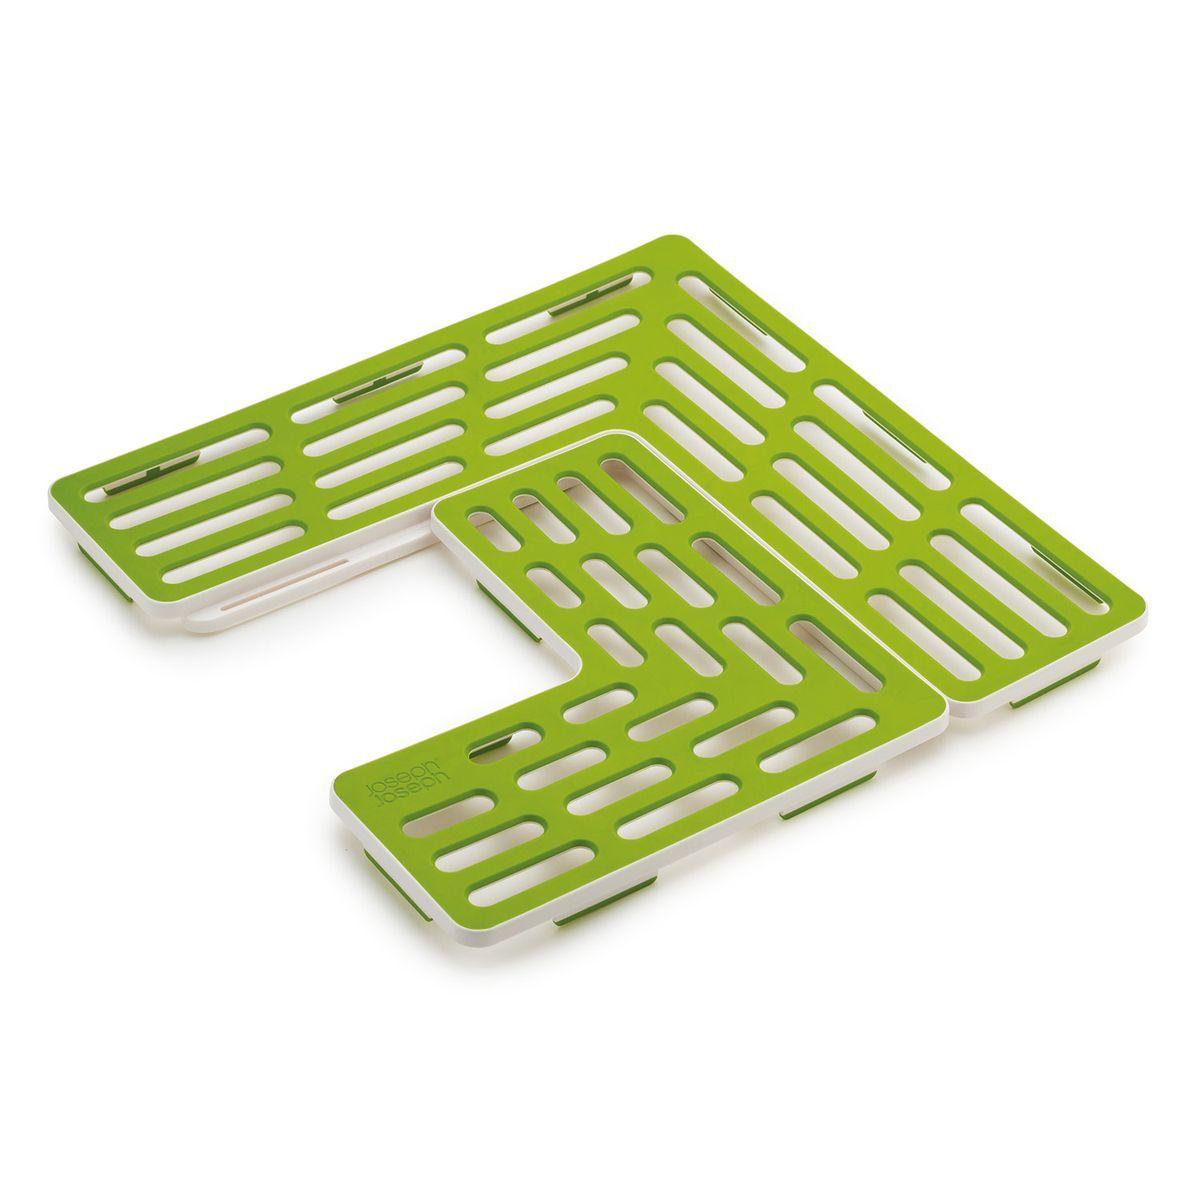 Подложка для раковины Joseph Joseph SinkSaver, цвет: зеленый, белый32.02.45-514_салатовый, белыйПодложка для раковины Joseph Joseph SinkSaver выполнена из термопластичной резины и пластика. Может показаться, что это конструктор, но на самом деле - это подложка, продуманная до мелочей. Она подходит к раковинам разных форматов и адаптируется под сливное отверстие в центре, слева или справа. Прорезиненная поверхность подложки предотвращает повреждение посуды, сколы и царапинки, даже если вы ее уроните. Так же защищена и сама раковина, она всегда будет выглядеть как новая. Минимальный размер раковины: 31 х 31 см. Максимальный размер подложки: 28 см х 28 см.